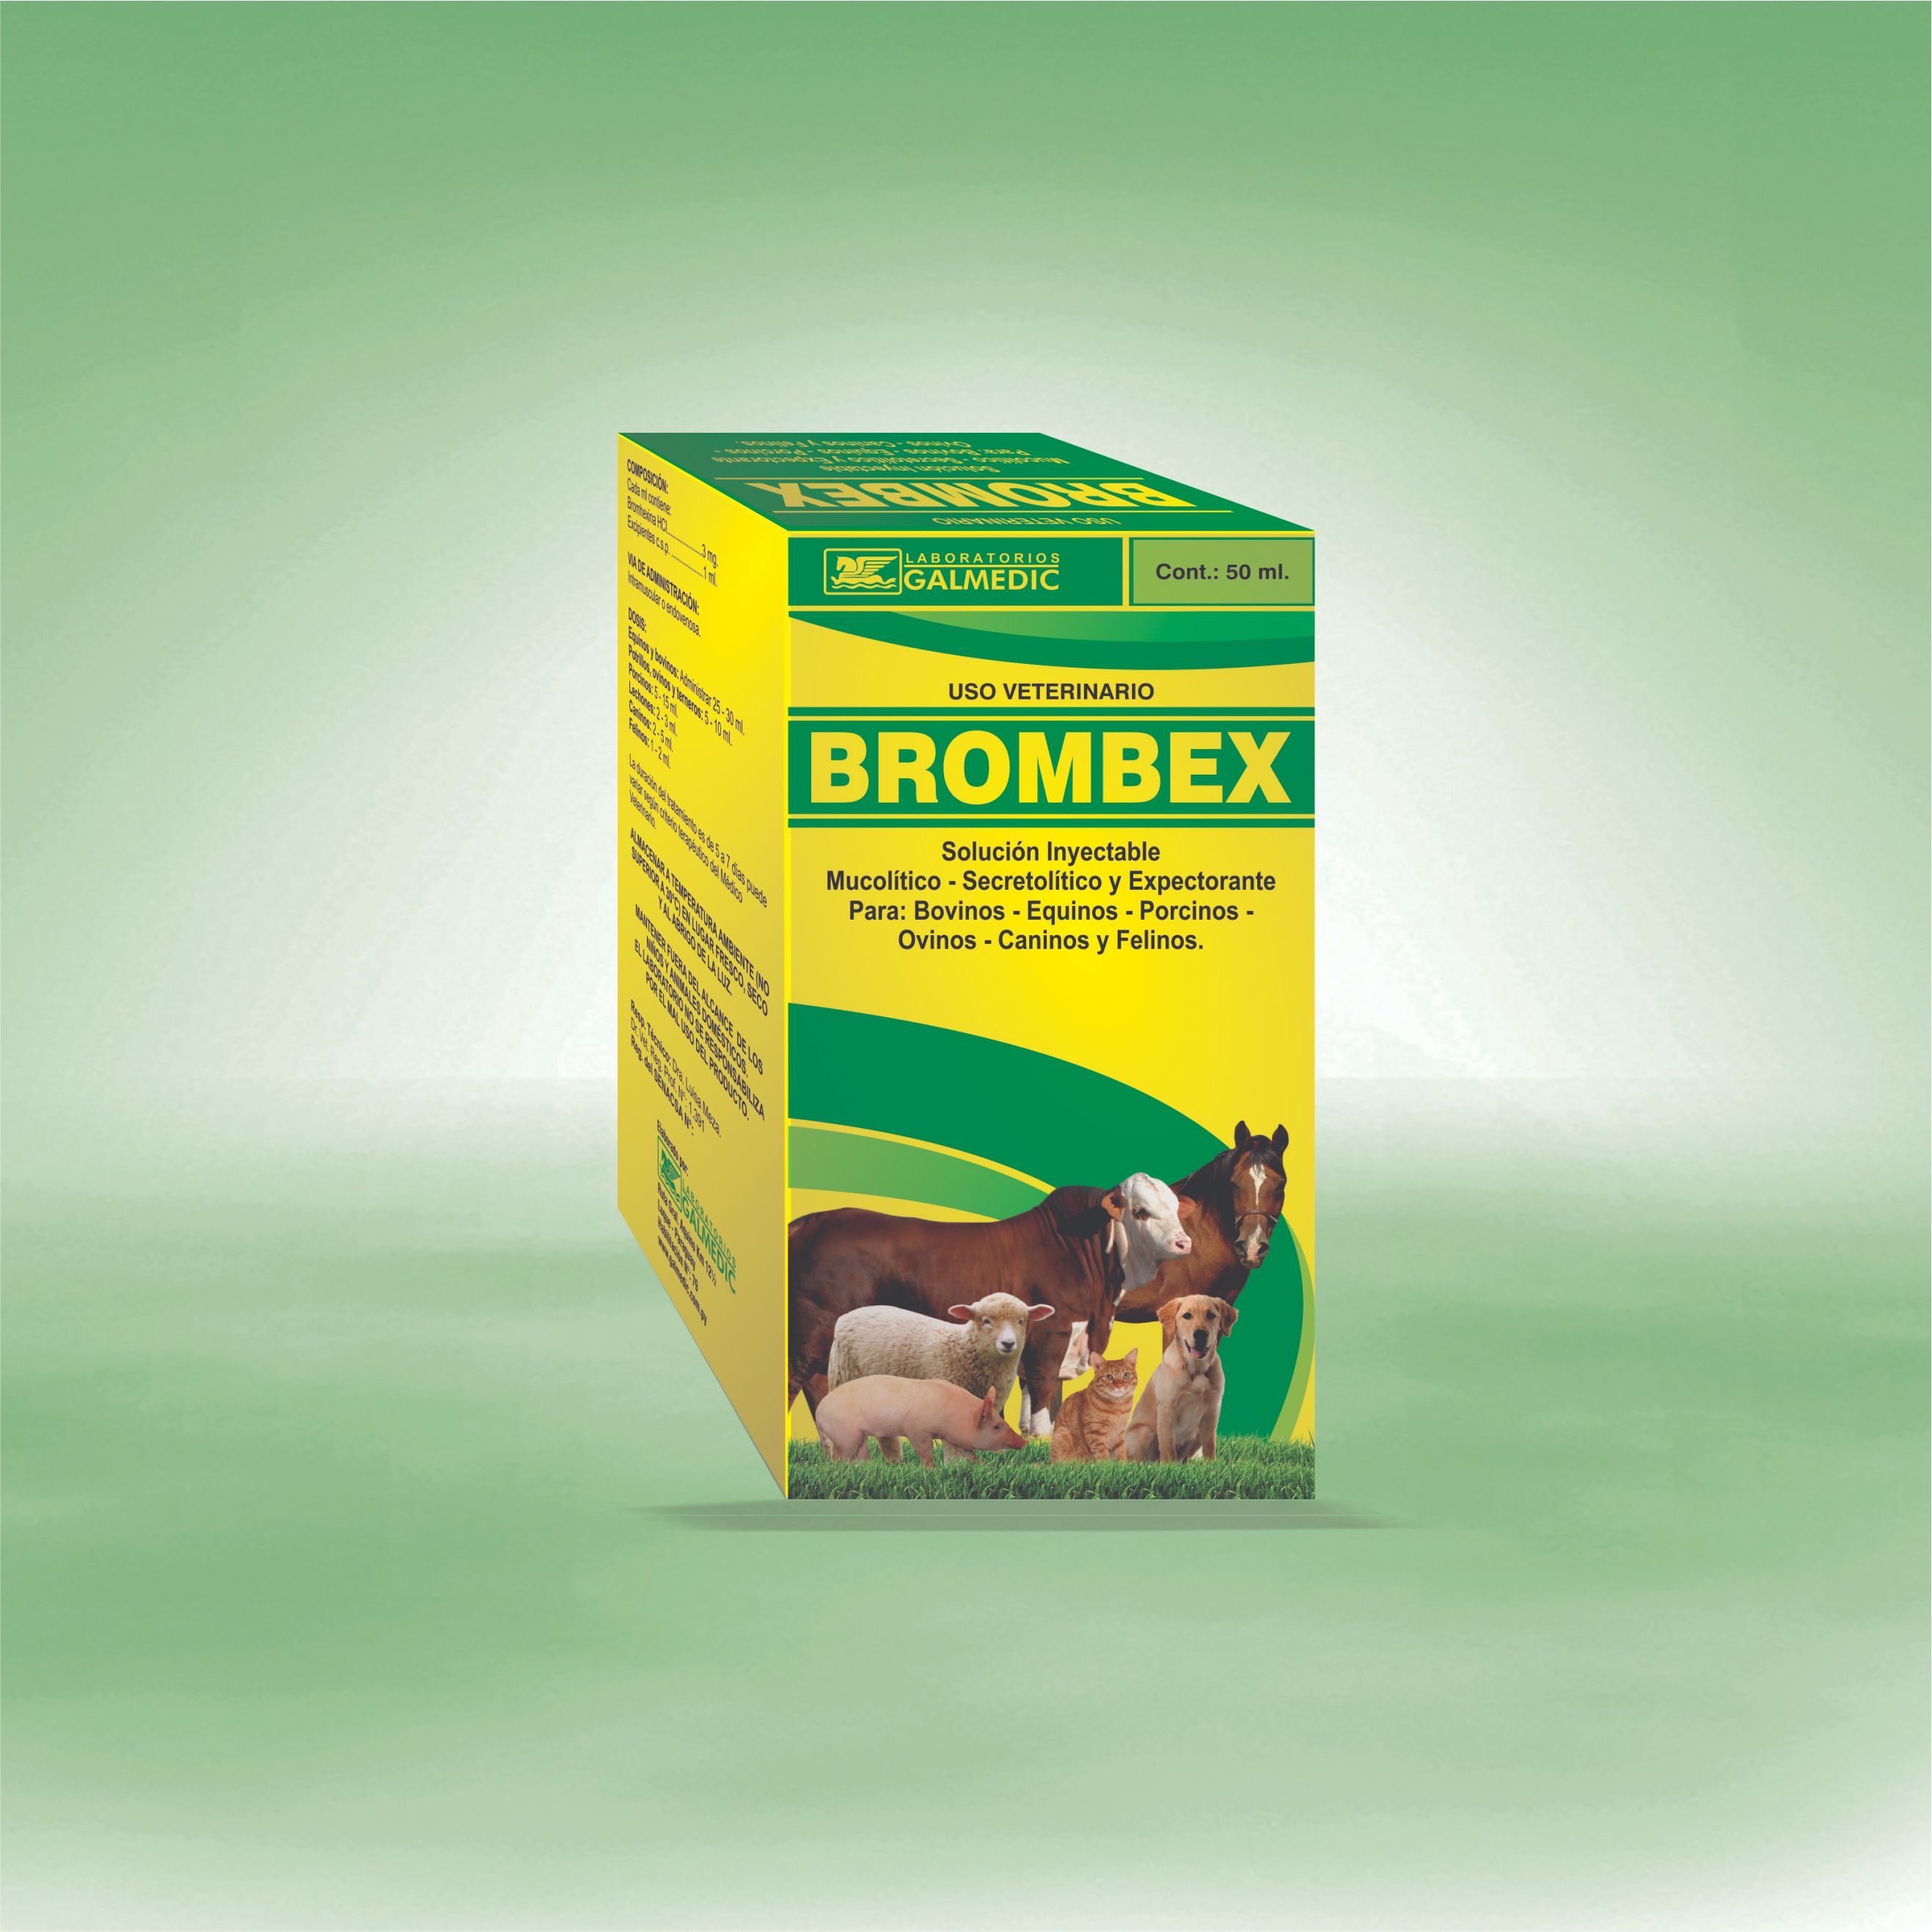 BROMBEX